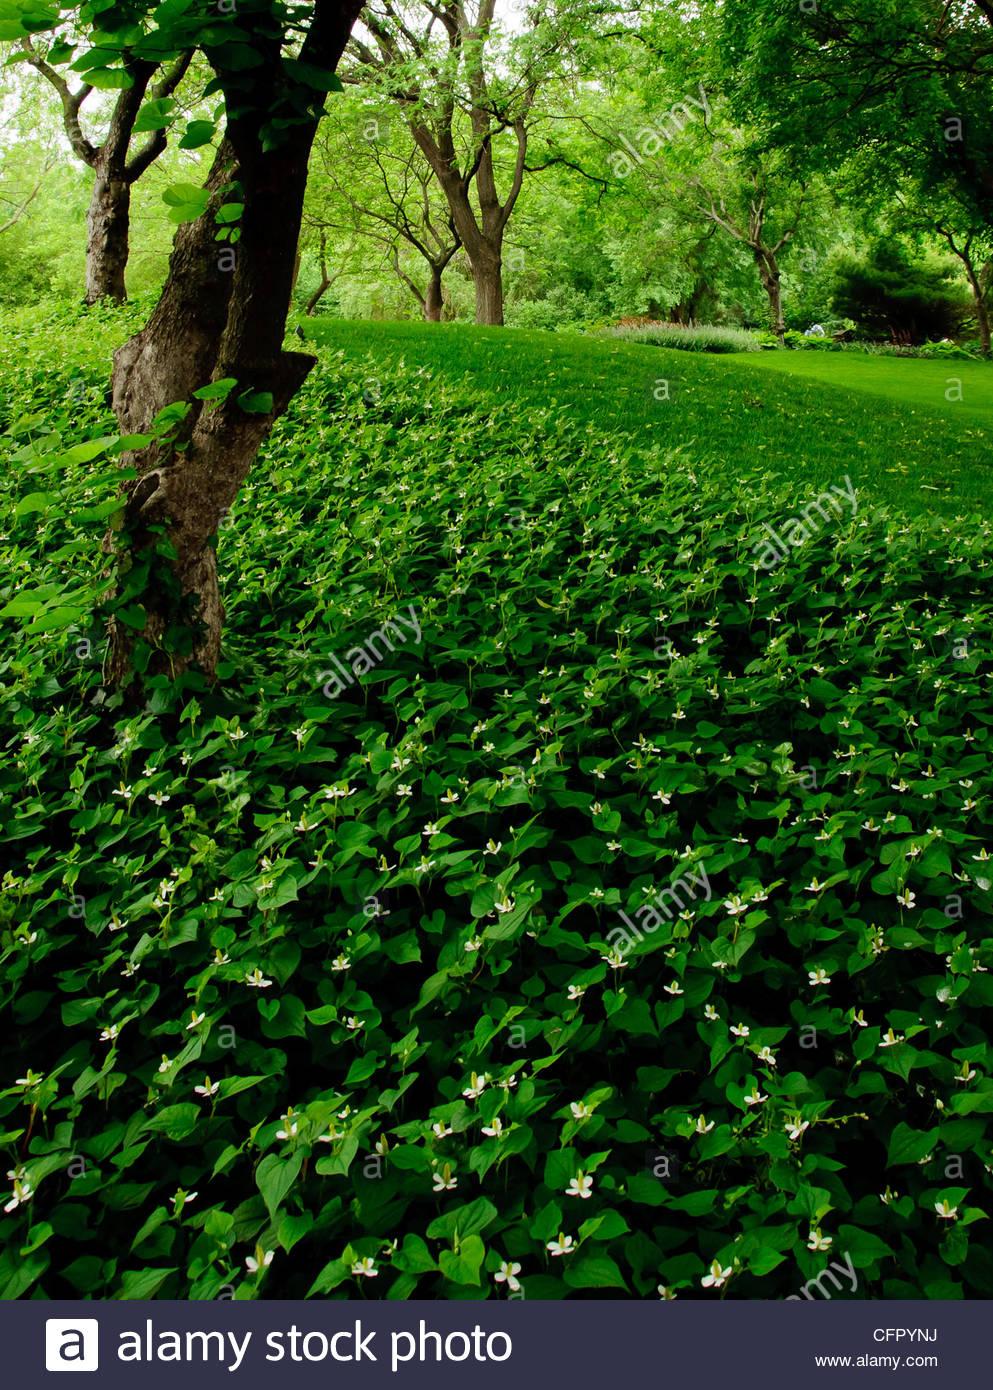 Bed of Green, Wichita Botanica Gardens, Wichita, KS, May 28, 2011 - Stock Image